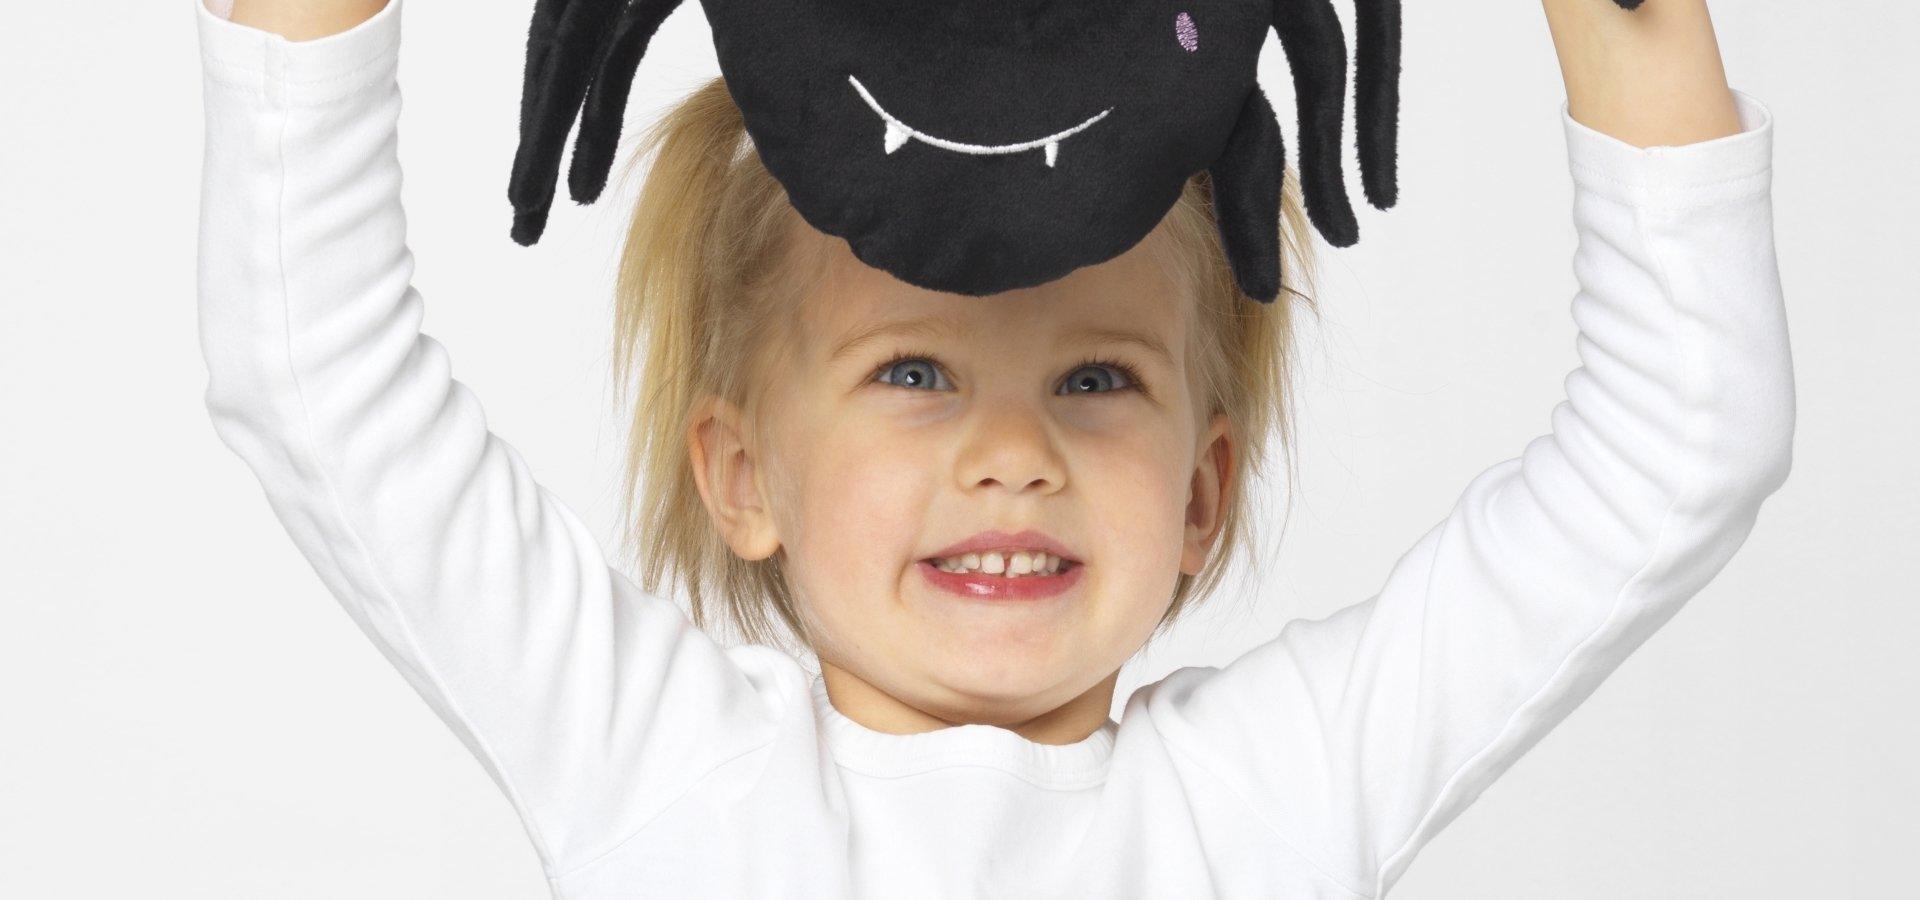 Pięć organizacji wspierających dzieci i młodzież otrzyma granty od IKEA